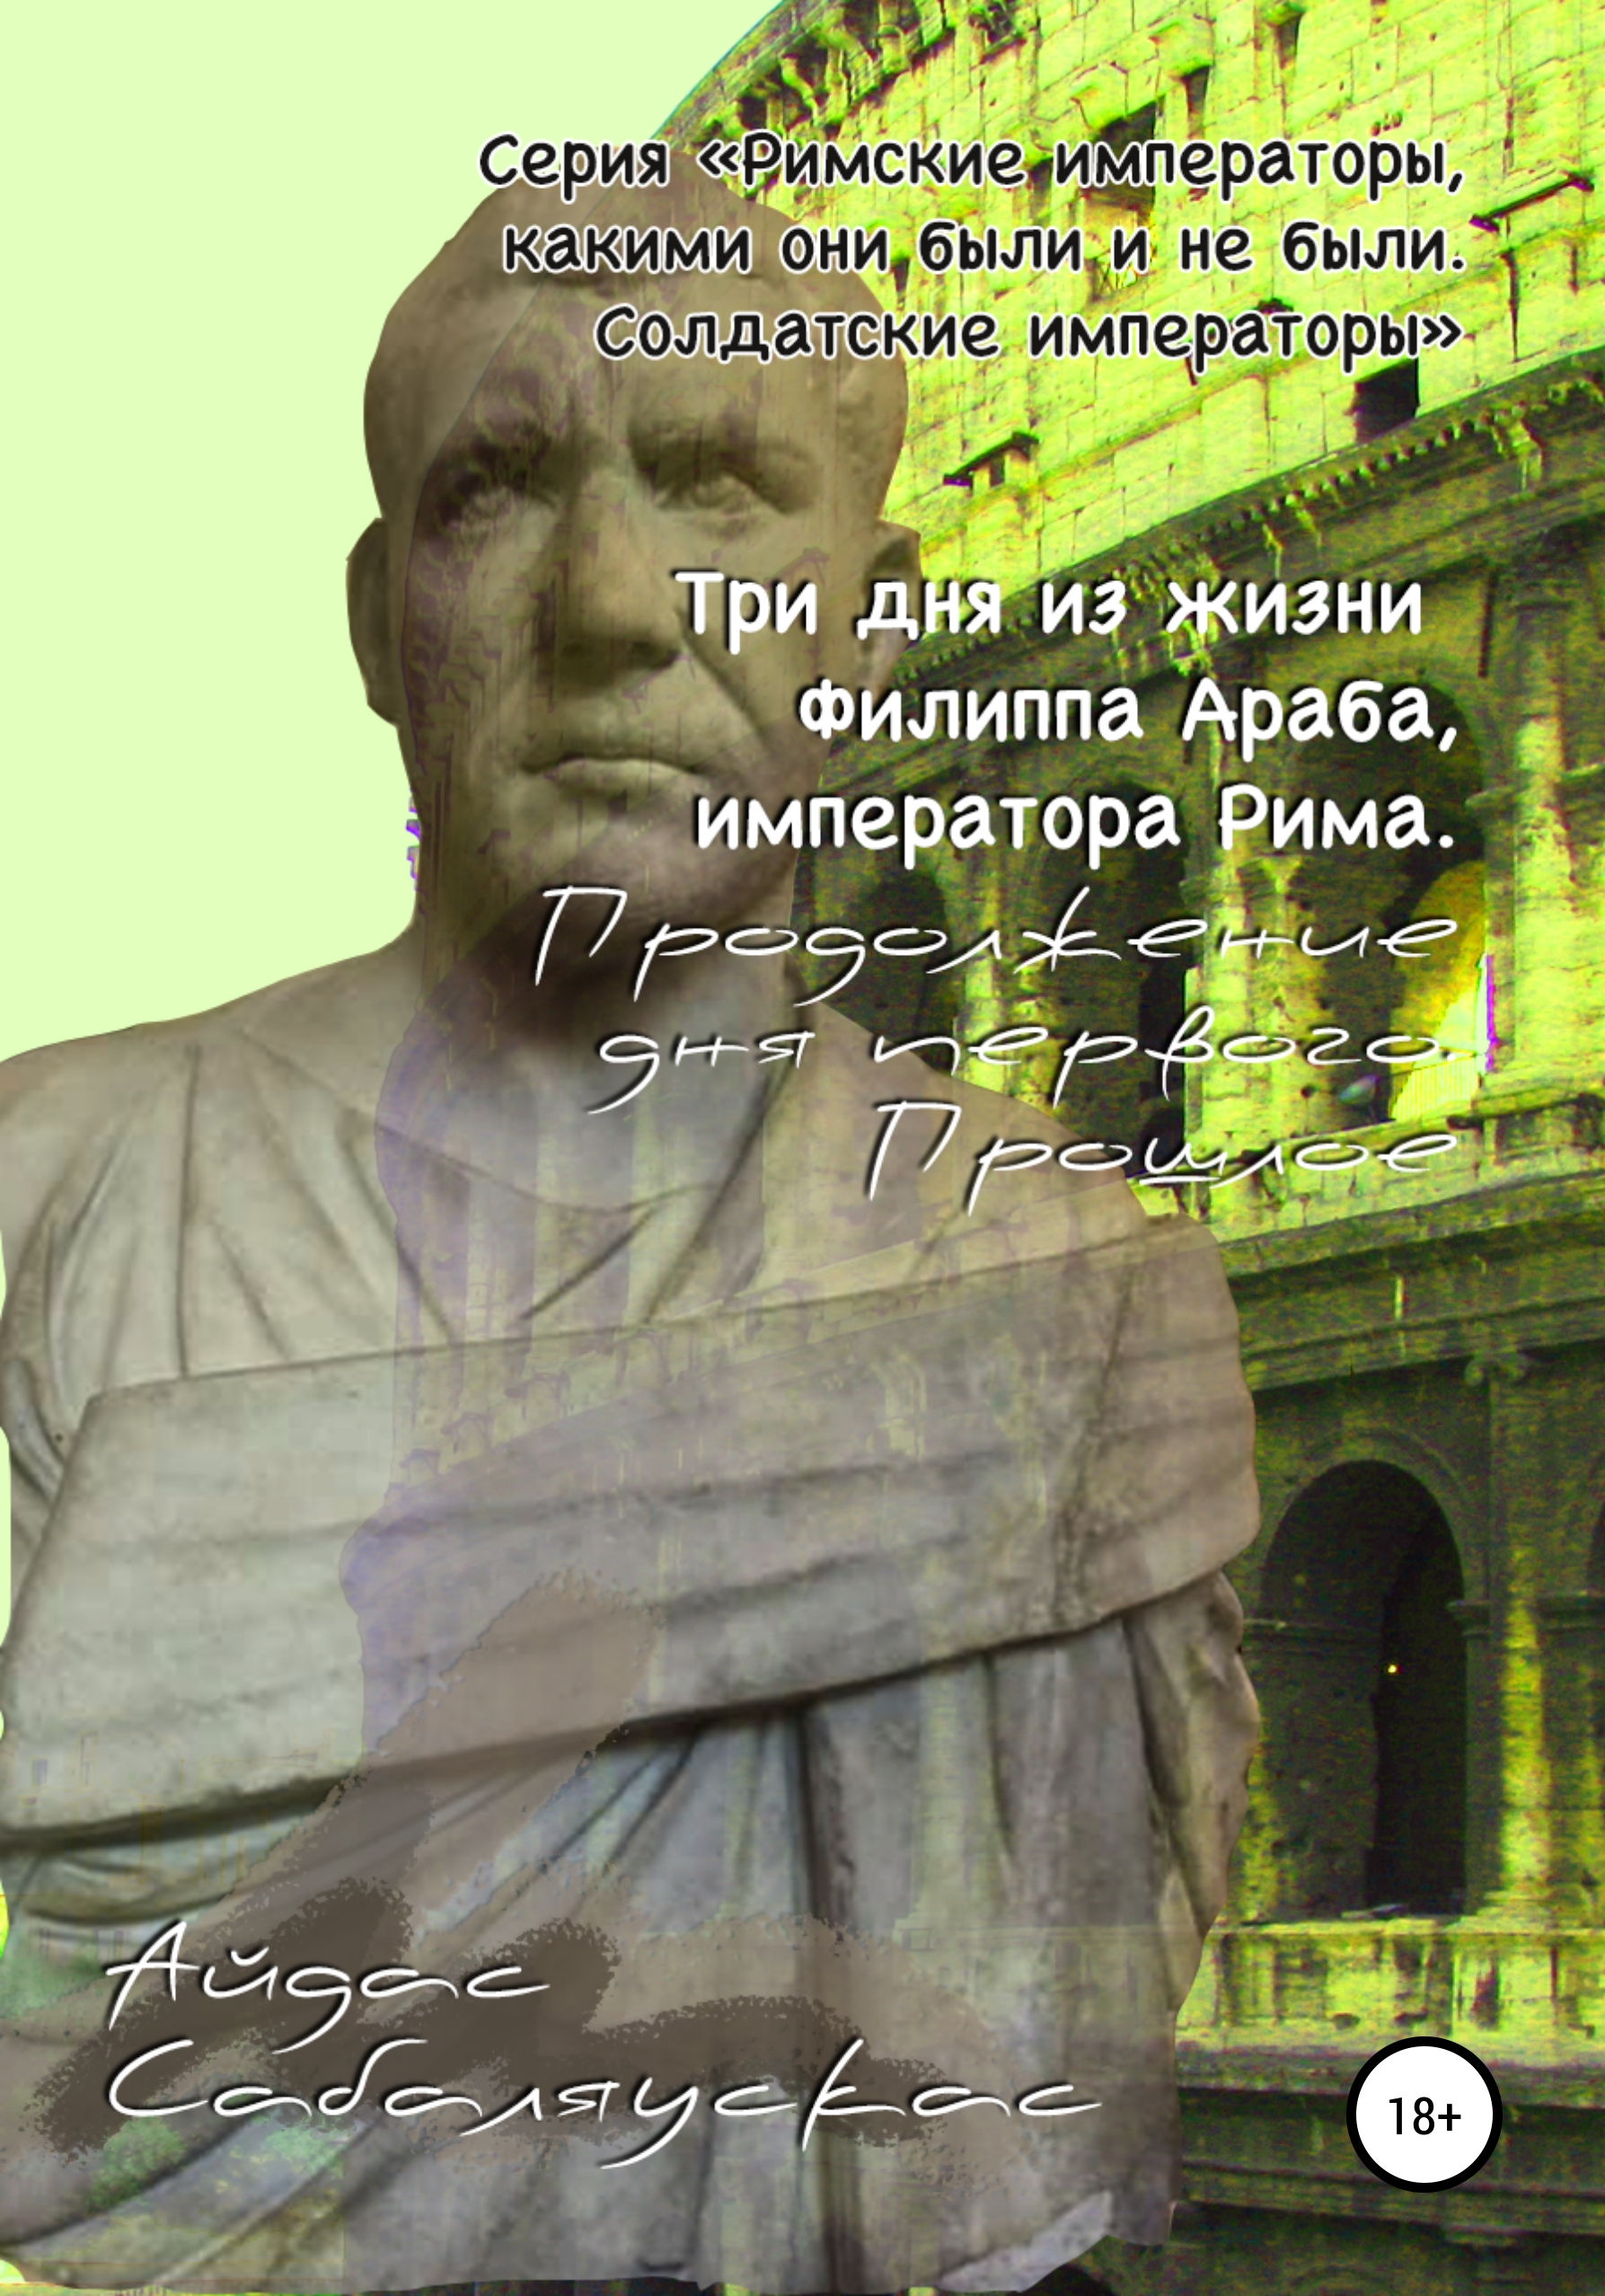 Айдас Сабаляускас - Три дня из жизни Филиппа Араба, императора Рима. Продолжение дня первого. Прошлое